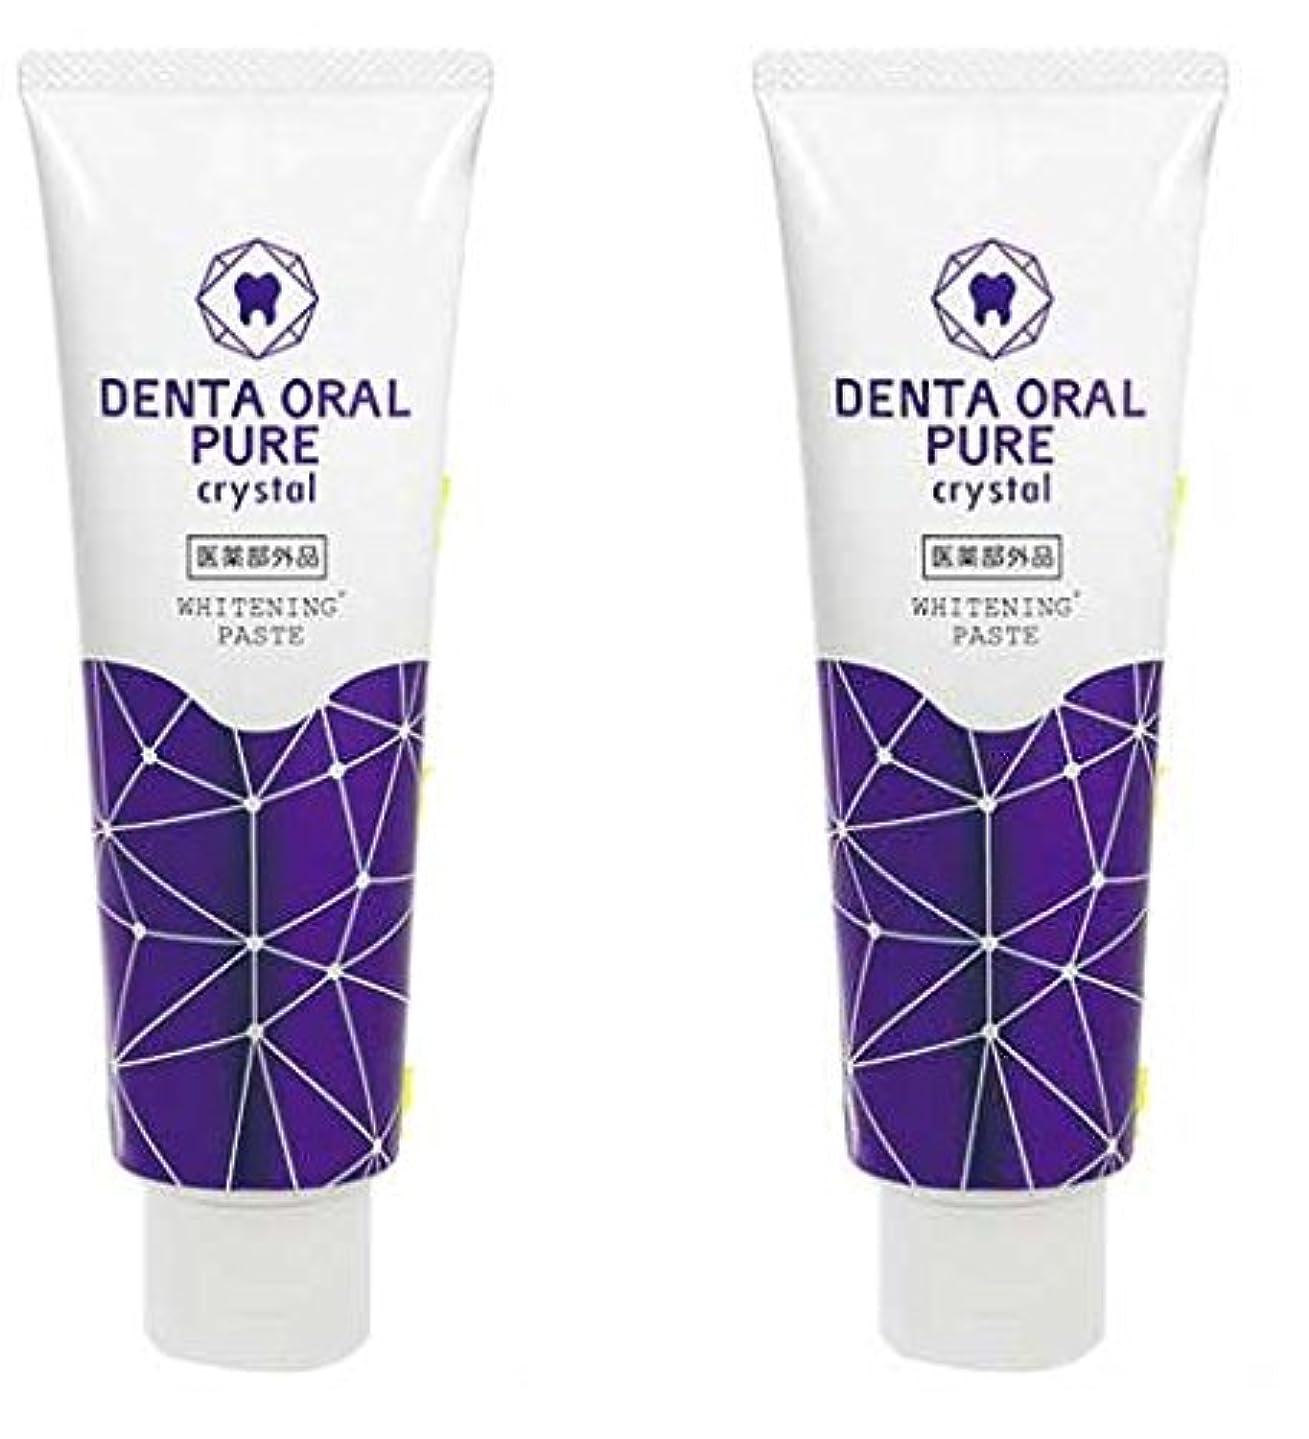 最適画家かもしれないホワイトニング歯磨き粉 デンタオーラルピュア クリスタル 2個セット 医薬部外品